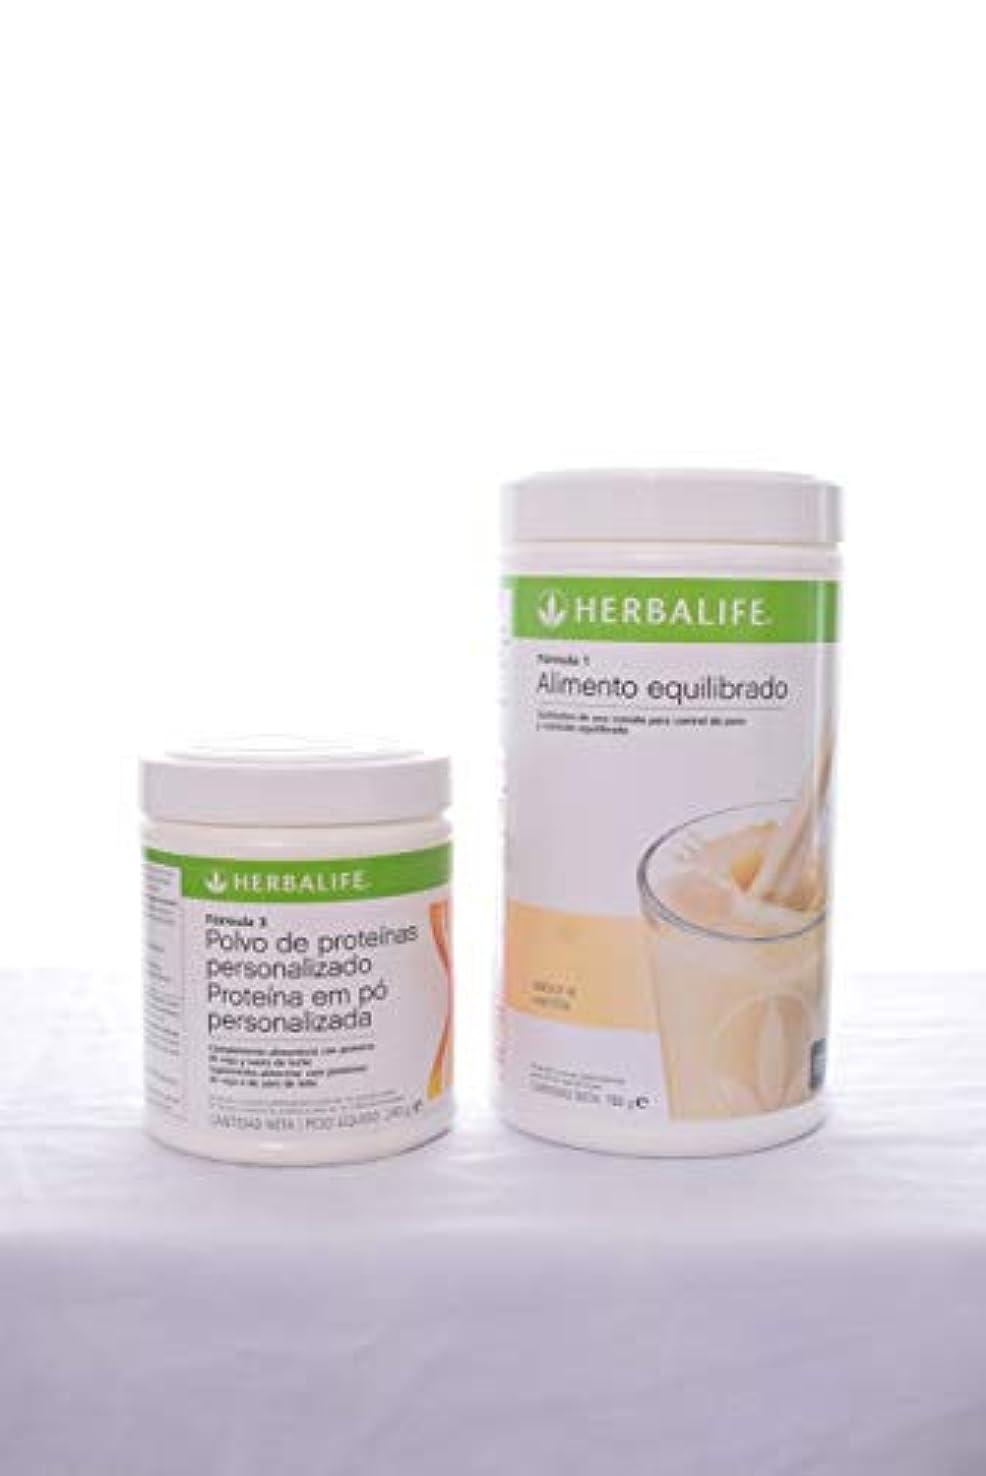 保守的レパートリーようこそHerbalifeフォーミュラ1 Shake mix-dutchチョコレート( 750g ) +式2 Personalized Protein Powder ( PPP ) -360g Unflavoured。